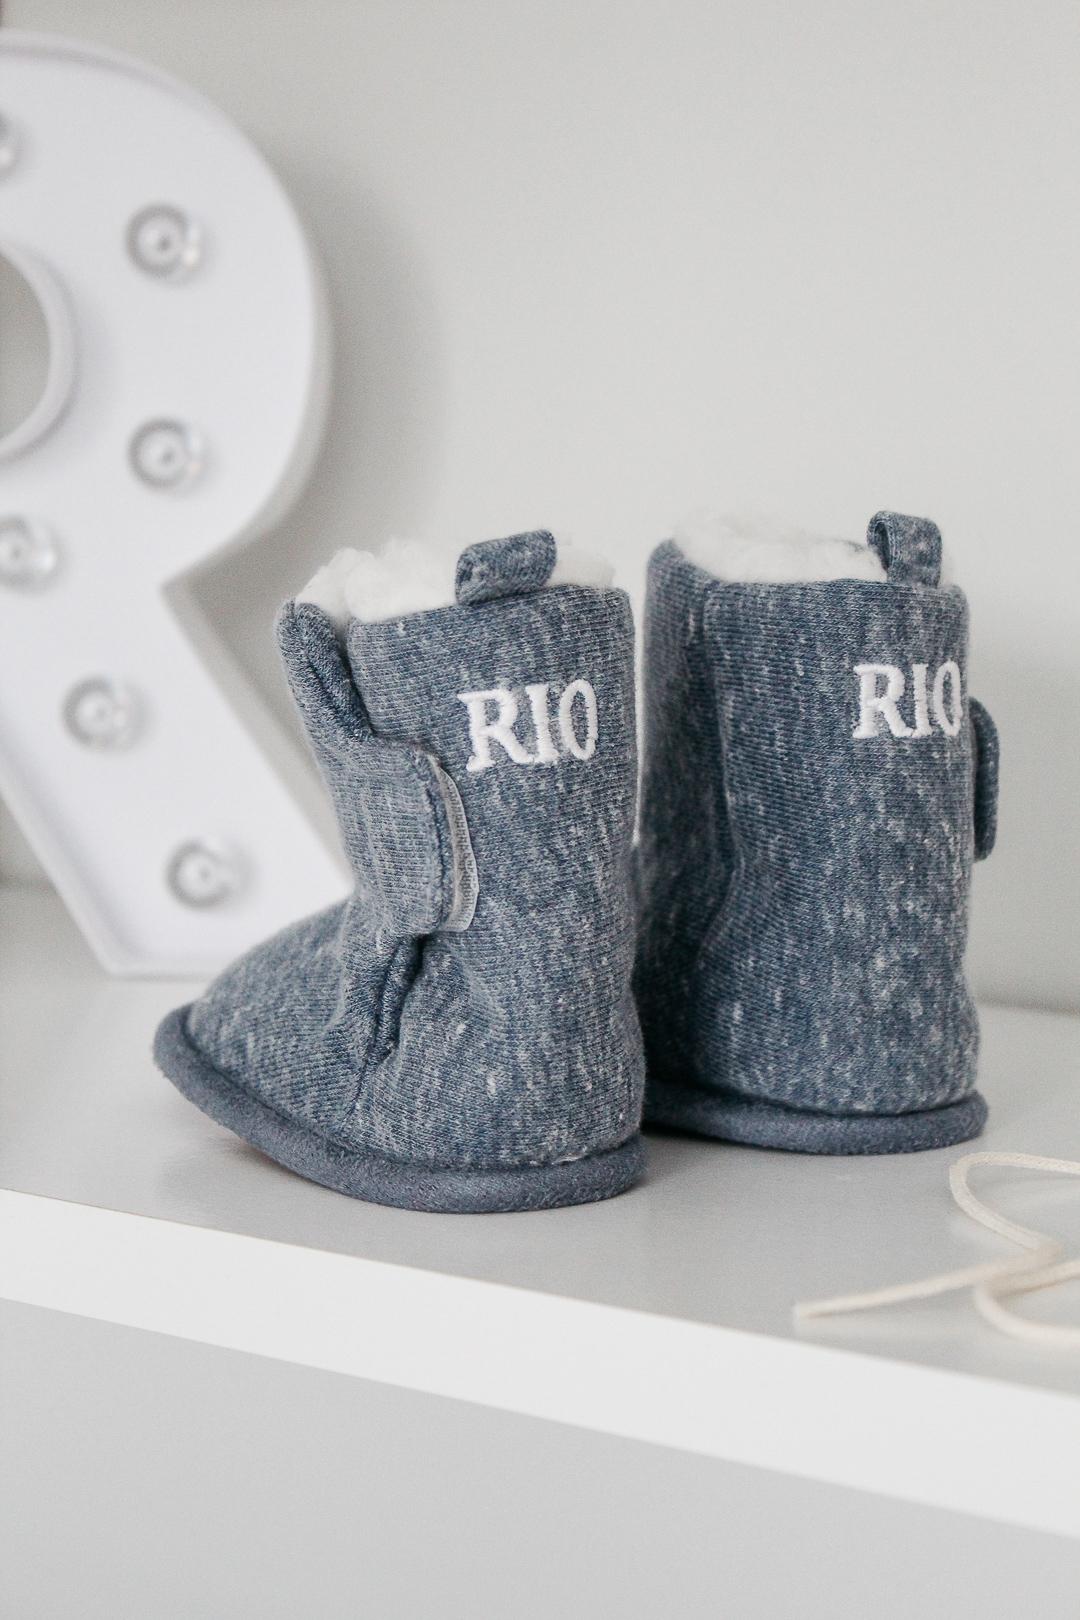 rio119 (5 of 19)